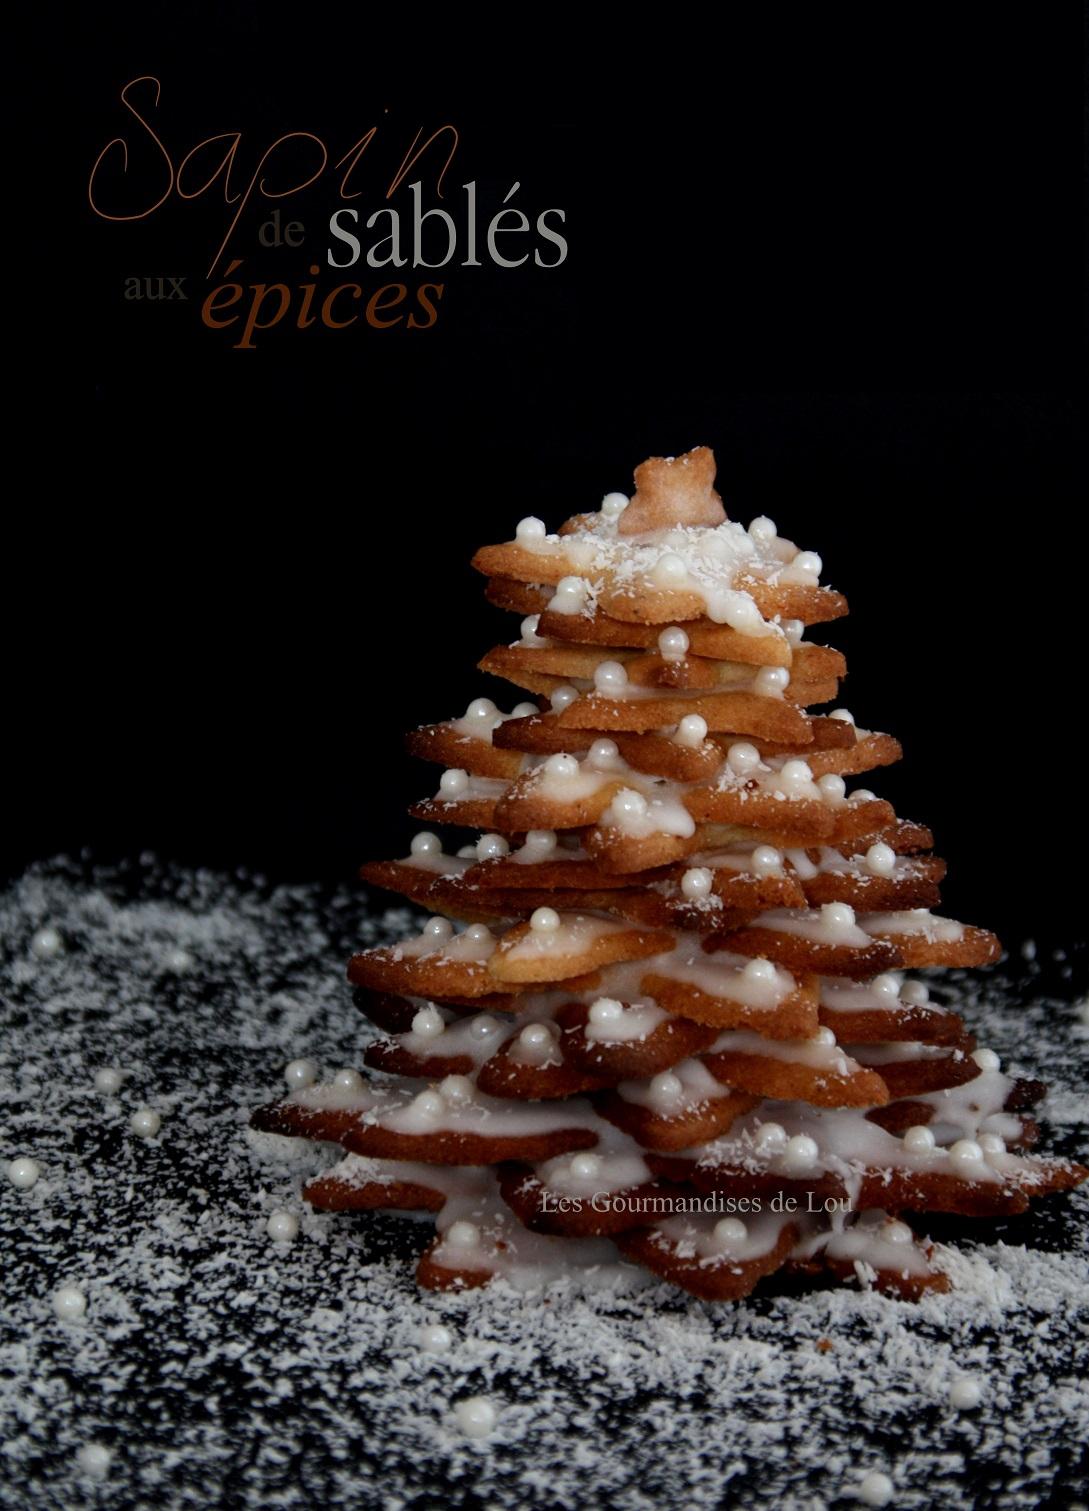 sapin-de-sables-aux-epices